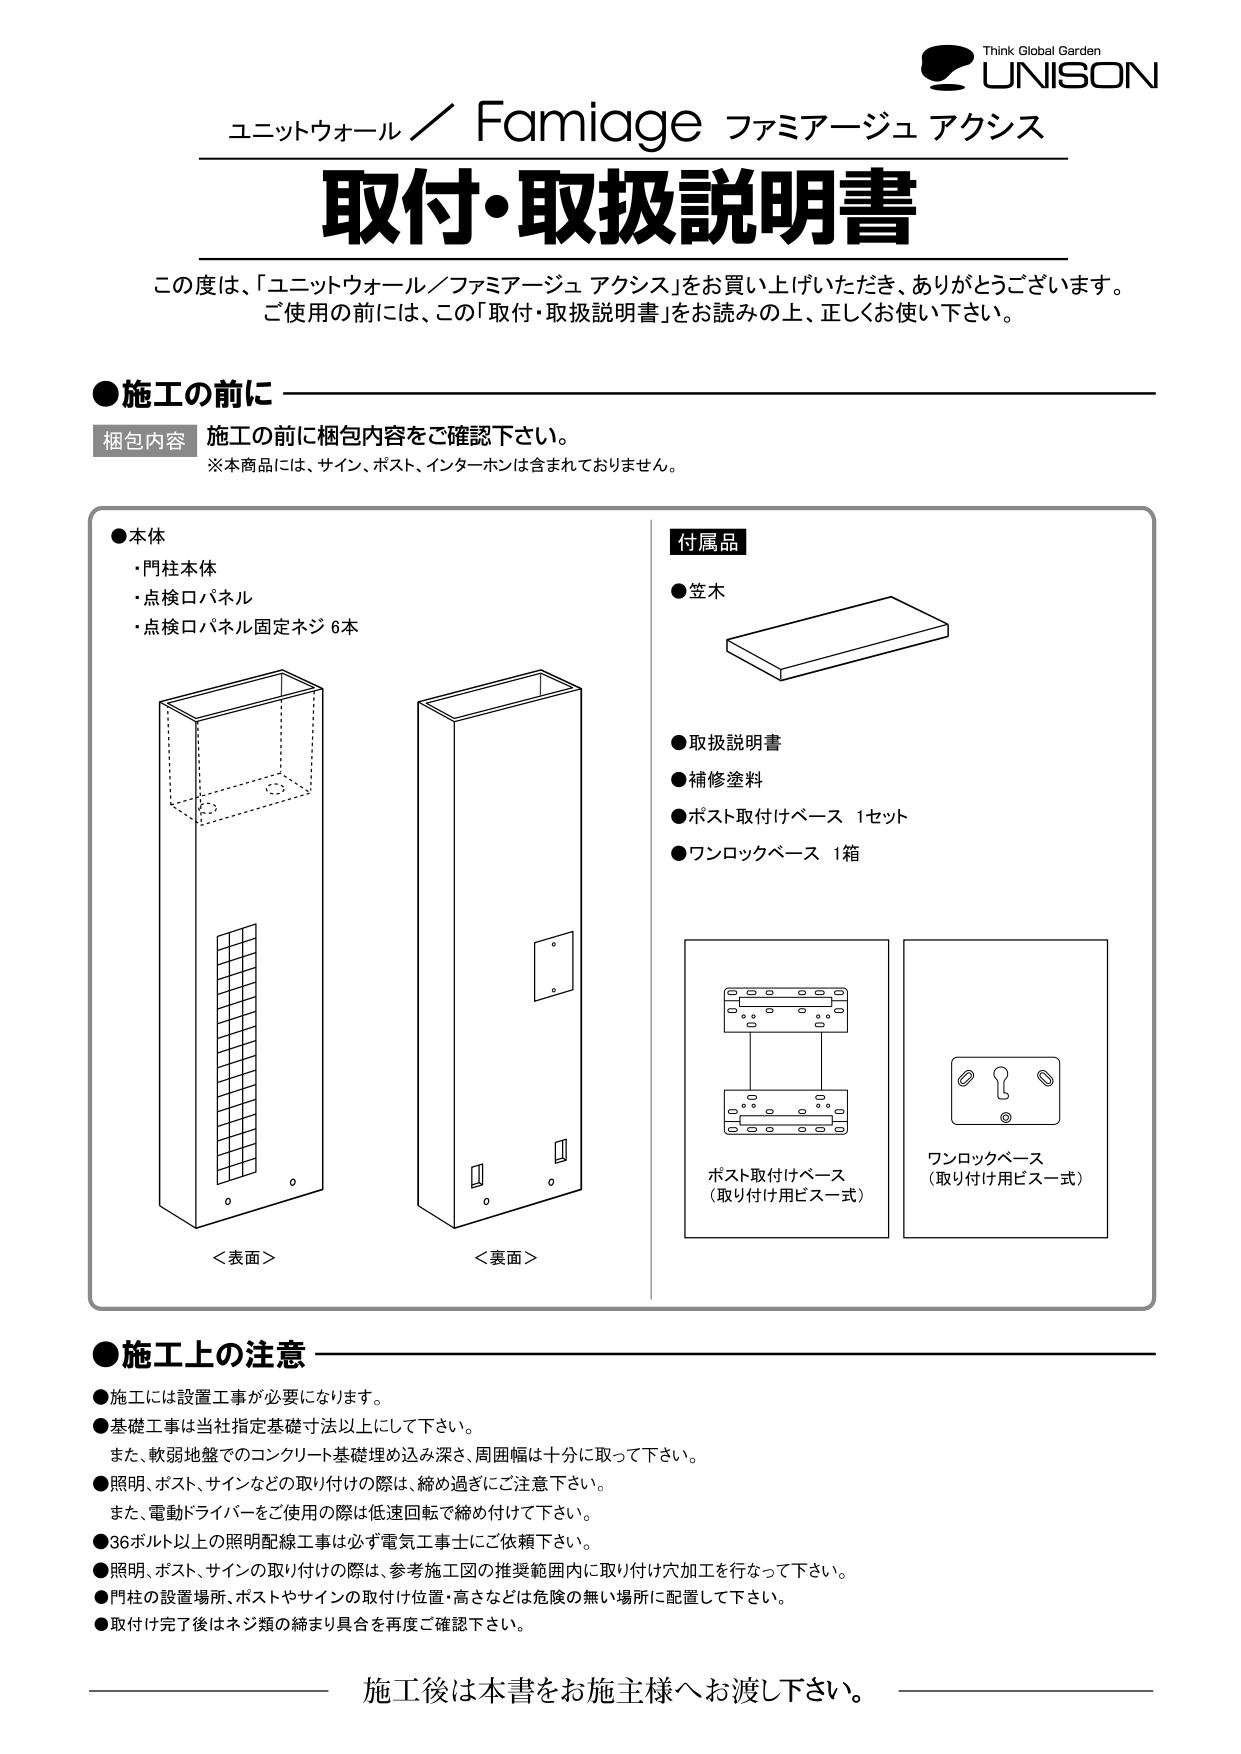 ファミアージュアクシス_取扱説明書_page-0001